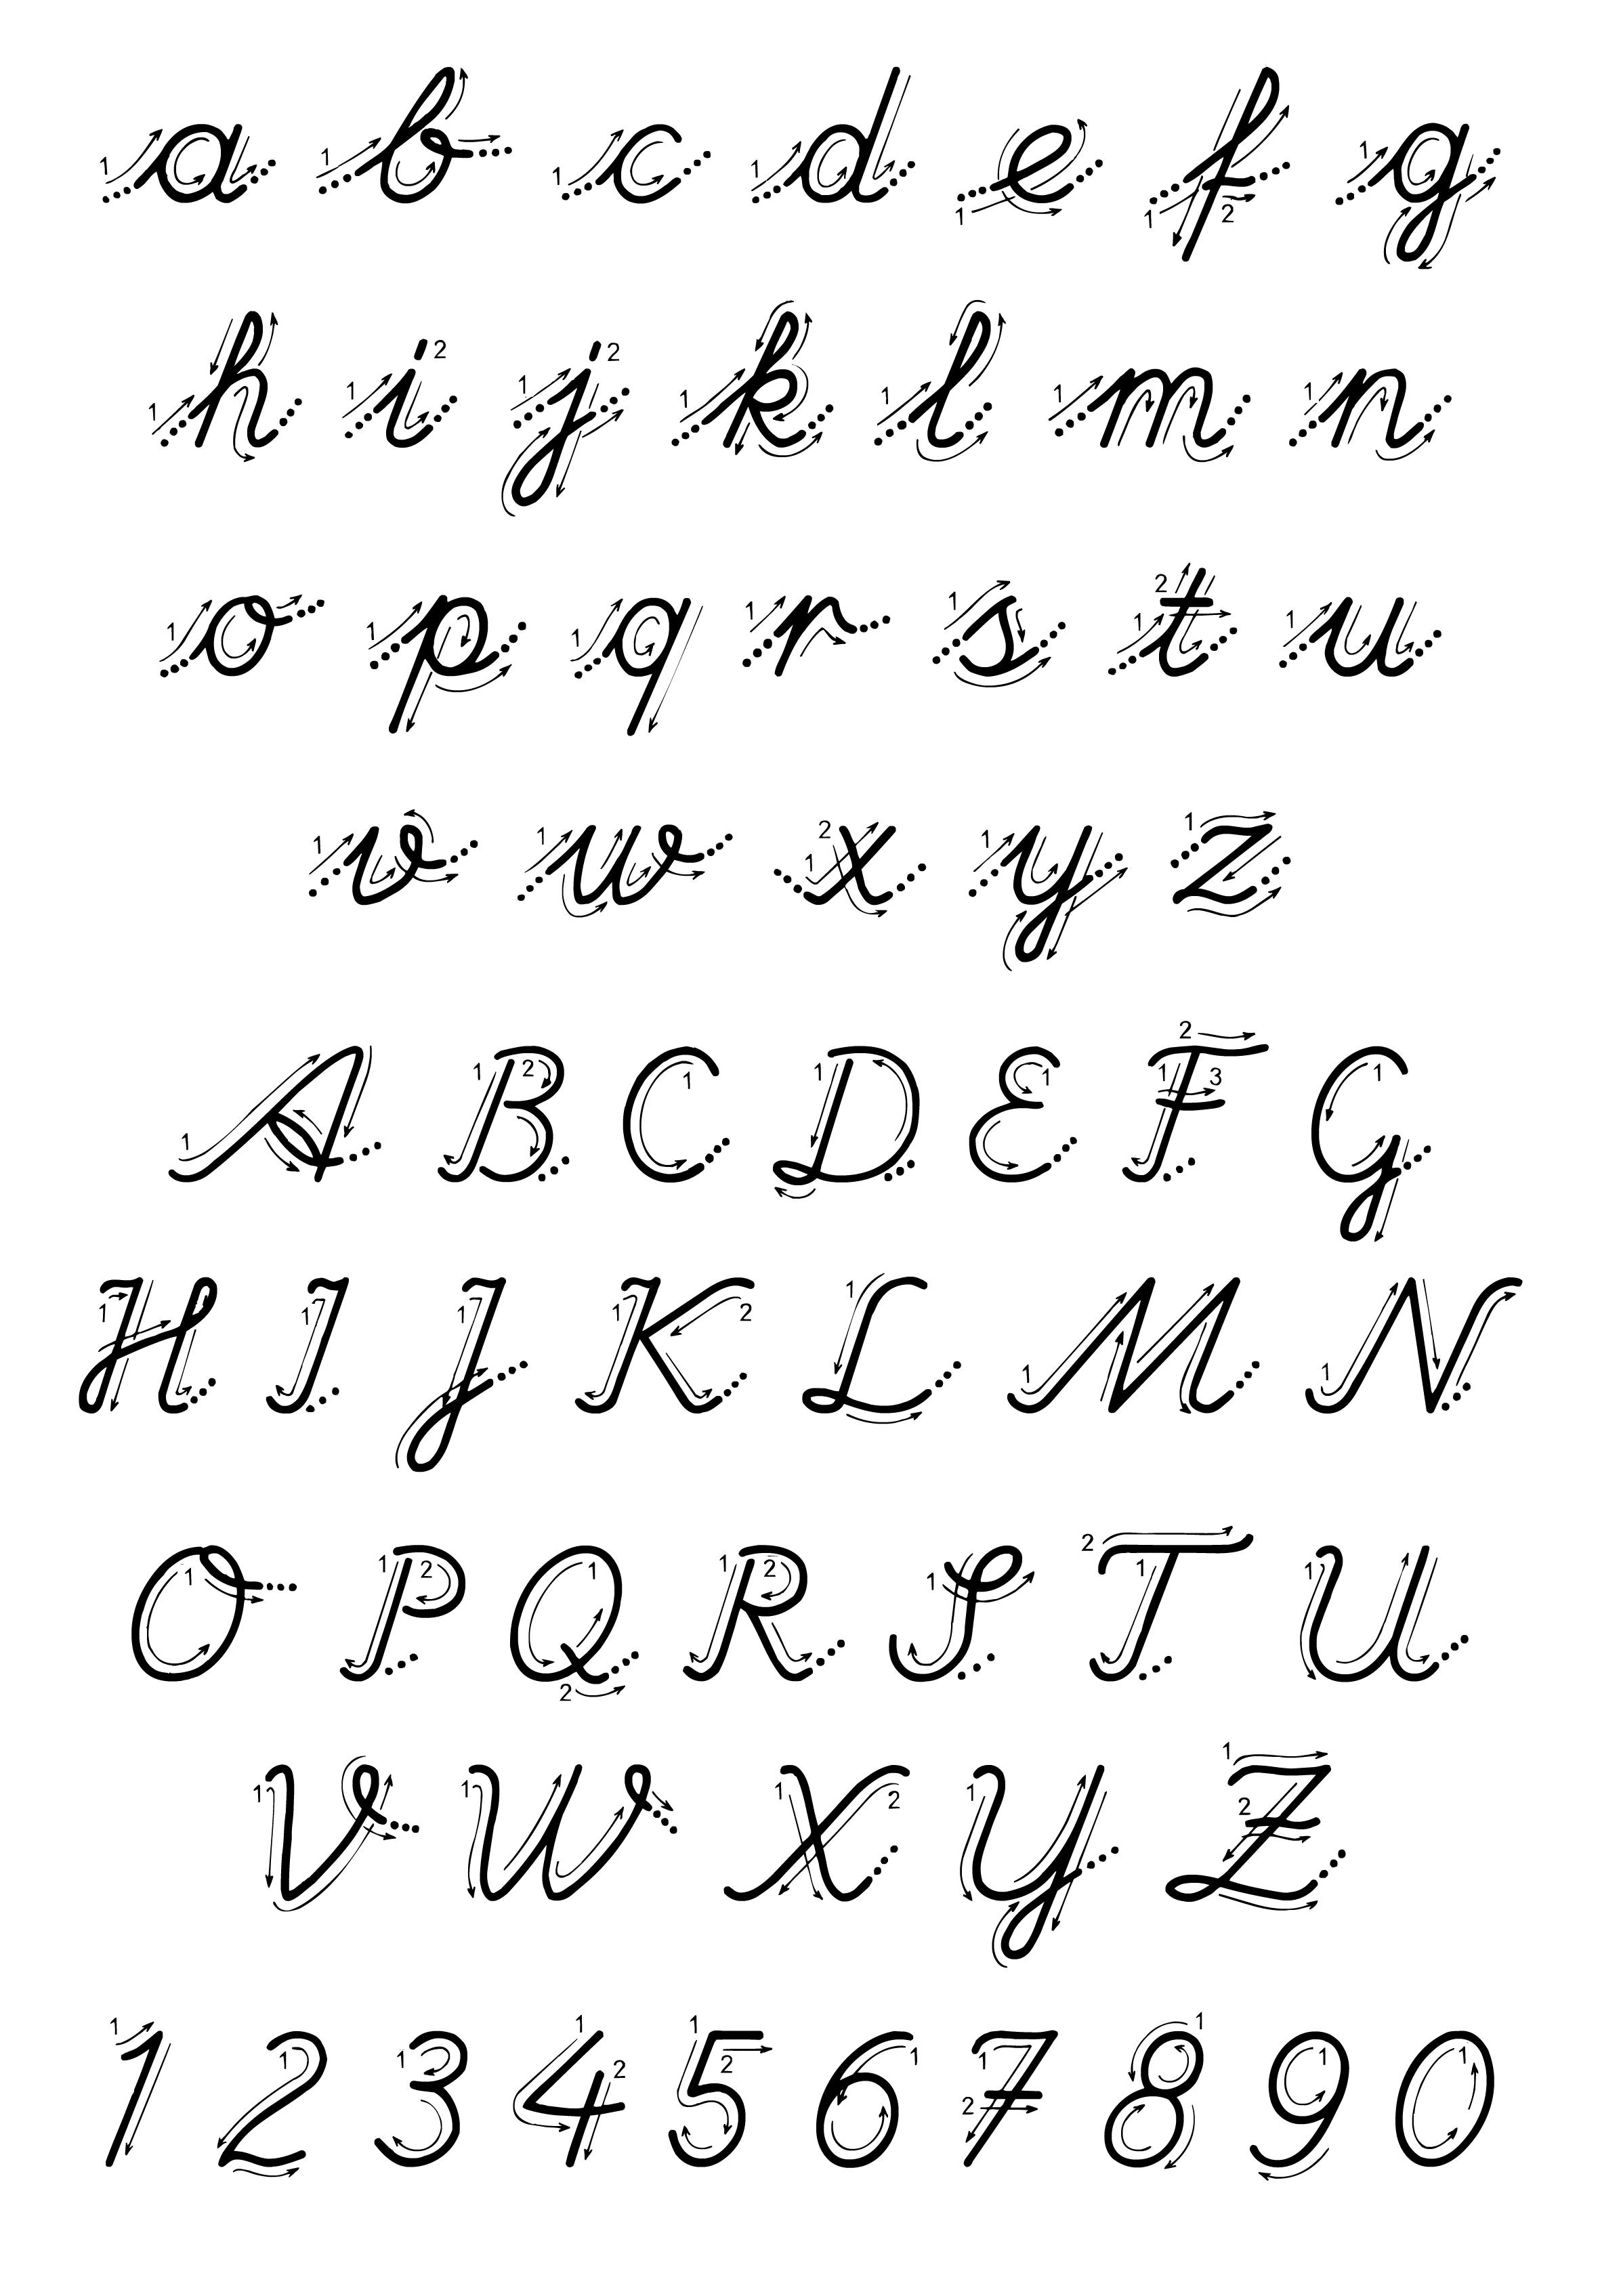 Lettere e numeri - Lettere e numeri con indicazioni movimento corsivo